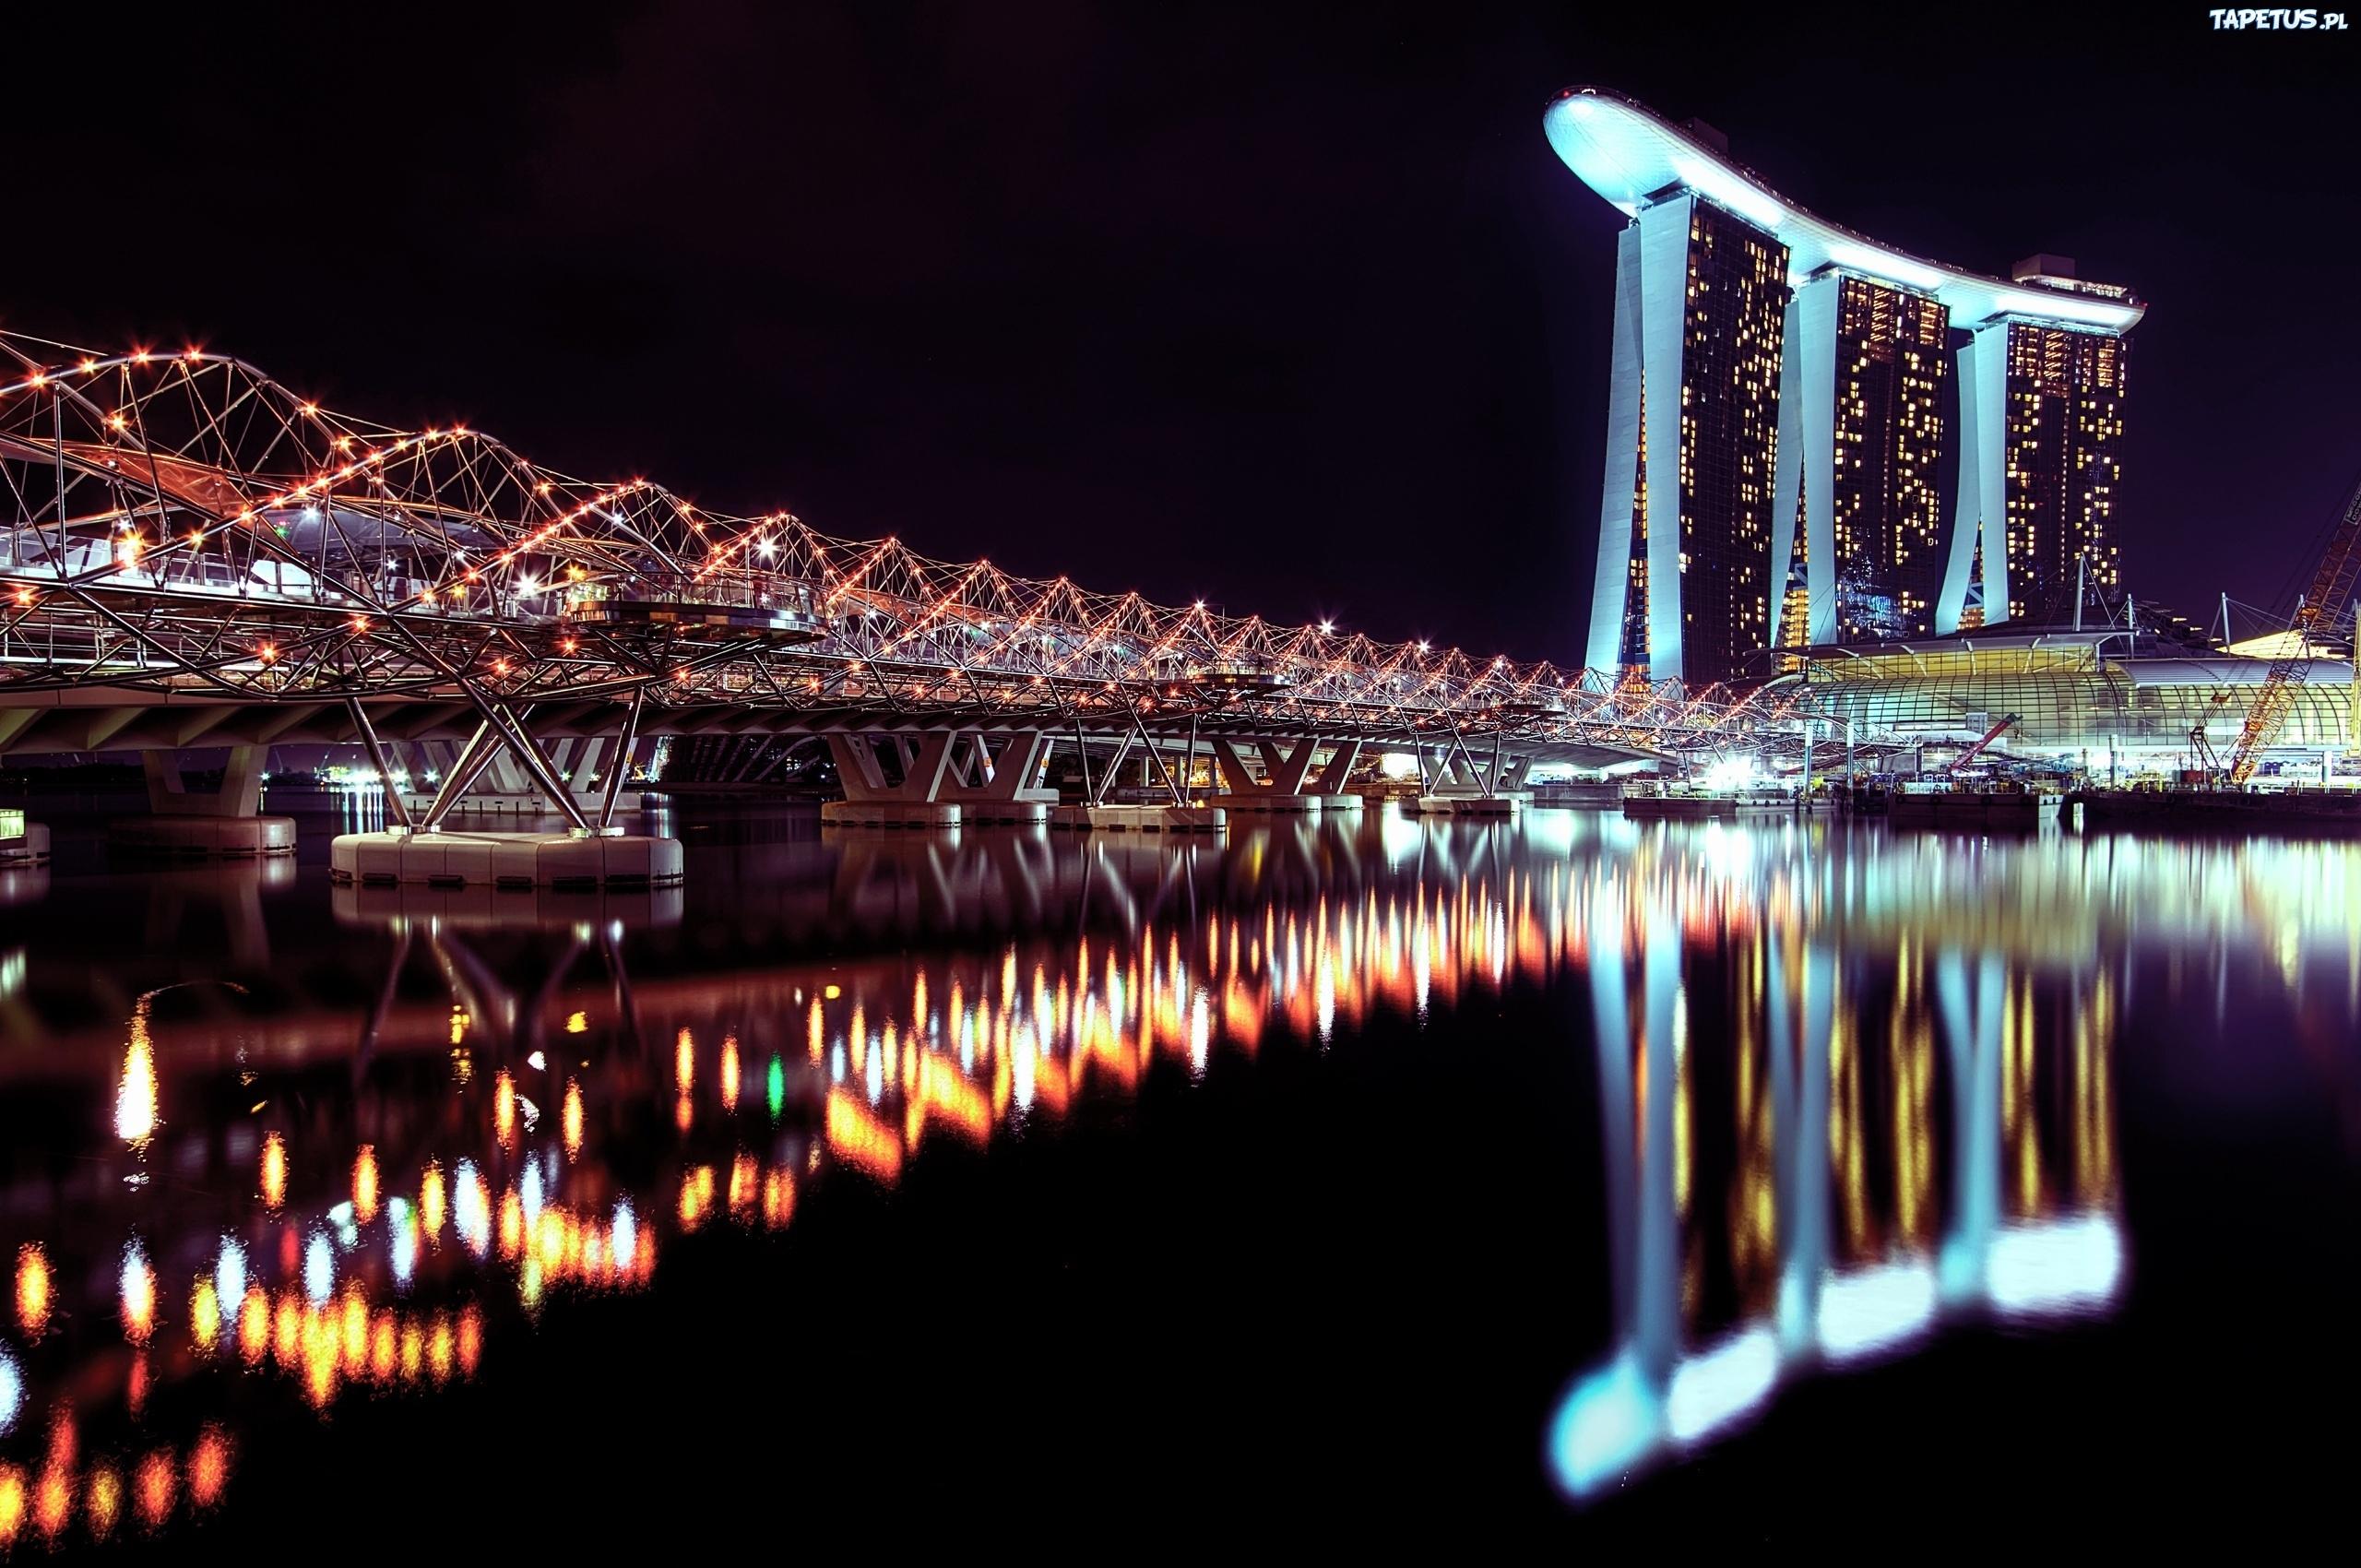 страны архитектура Сингапур отель  № 941493 без смс